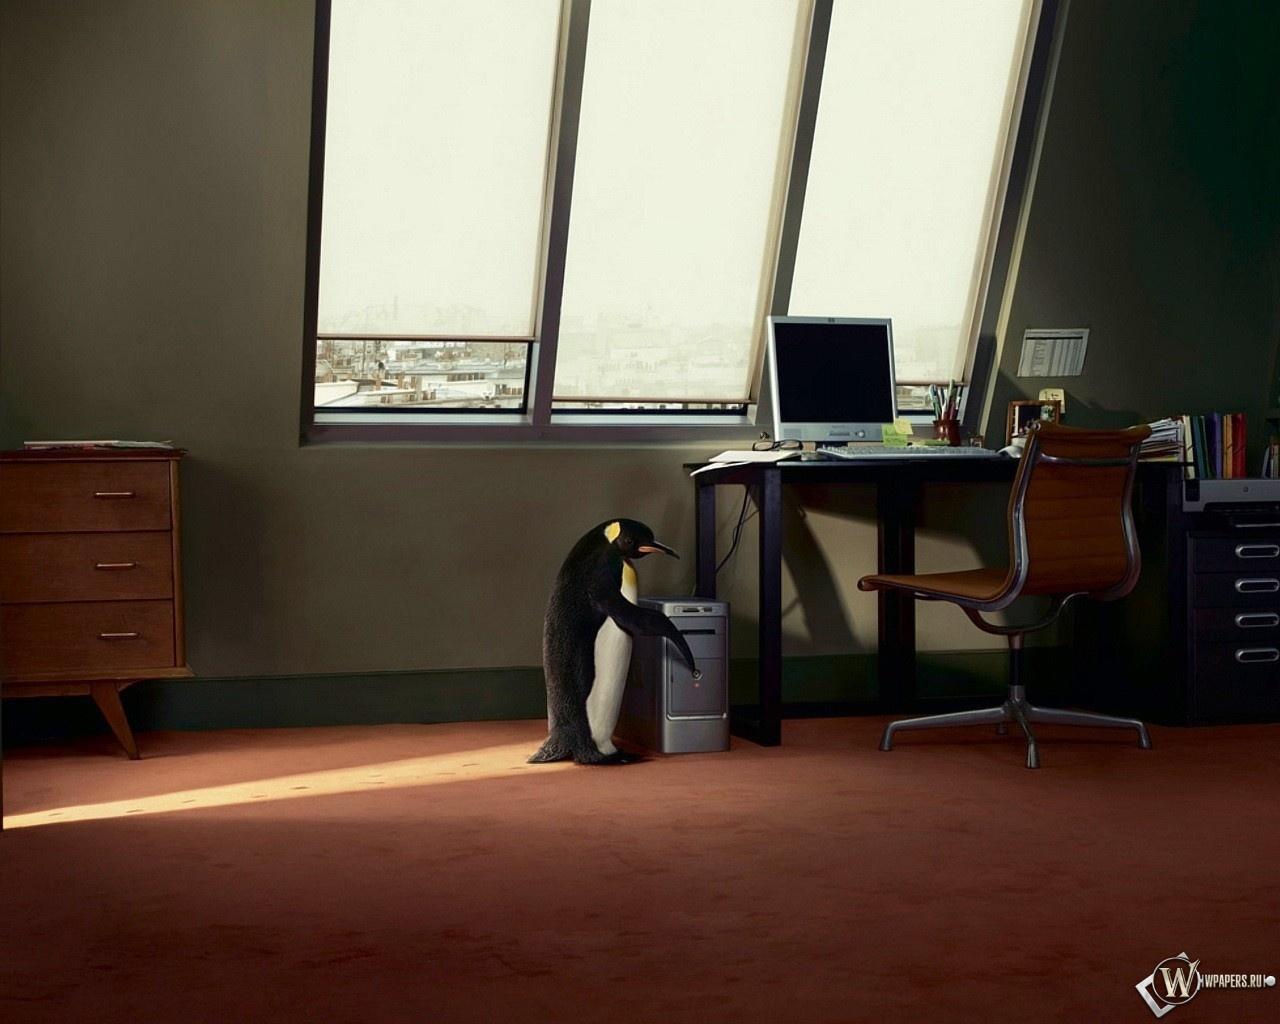 Пингвин в офисе 1280x1024